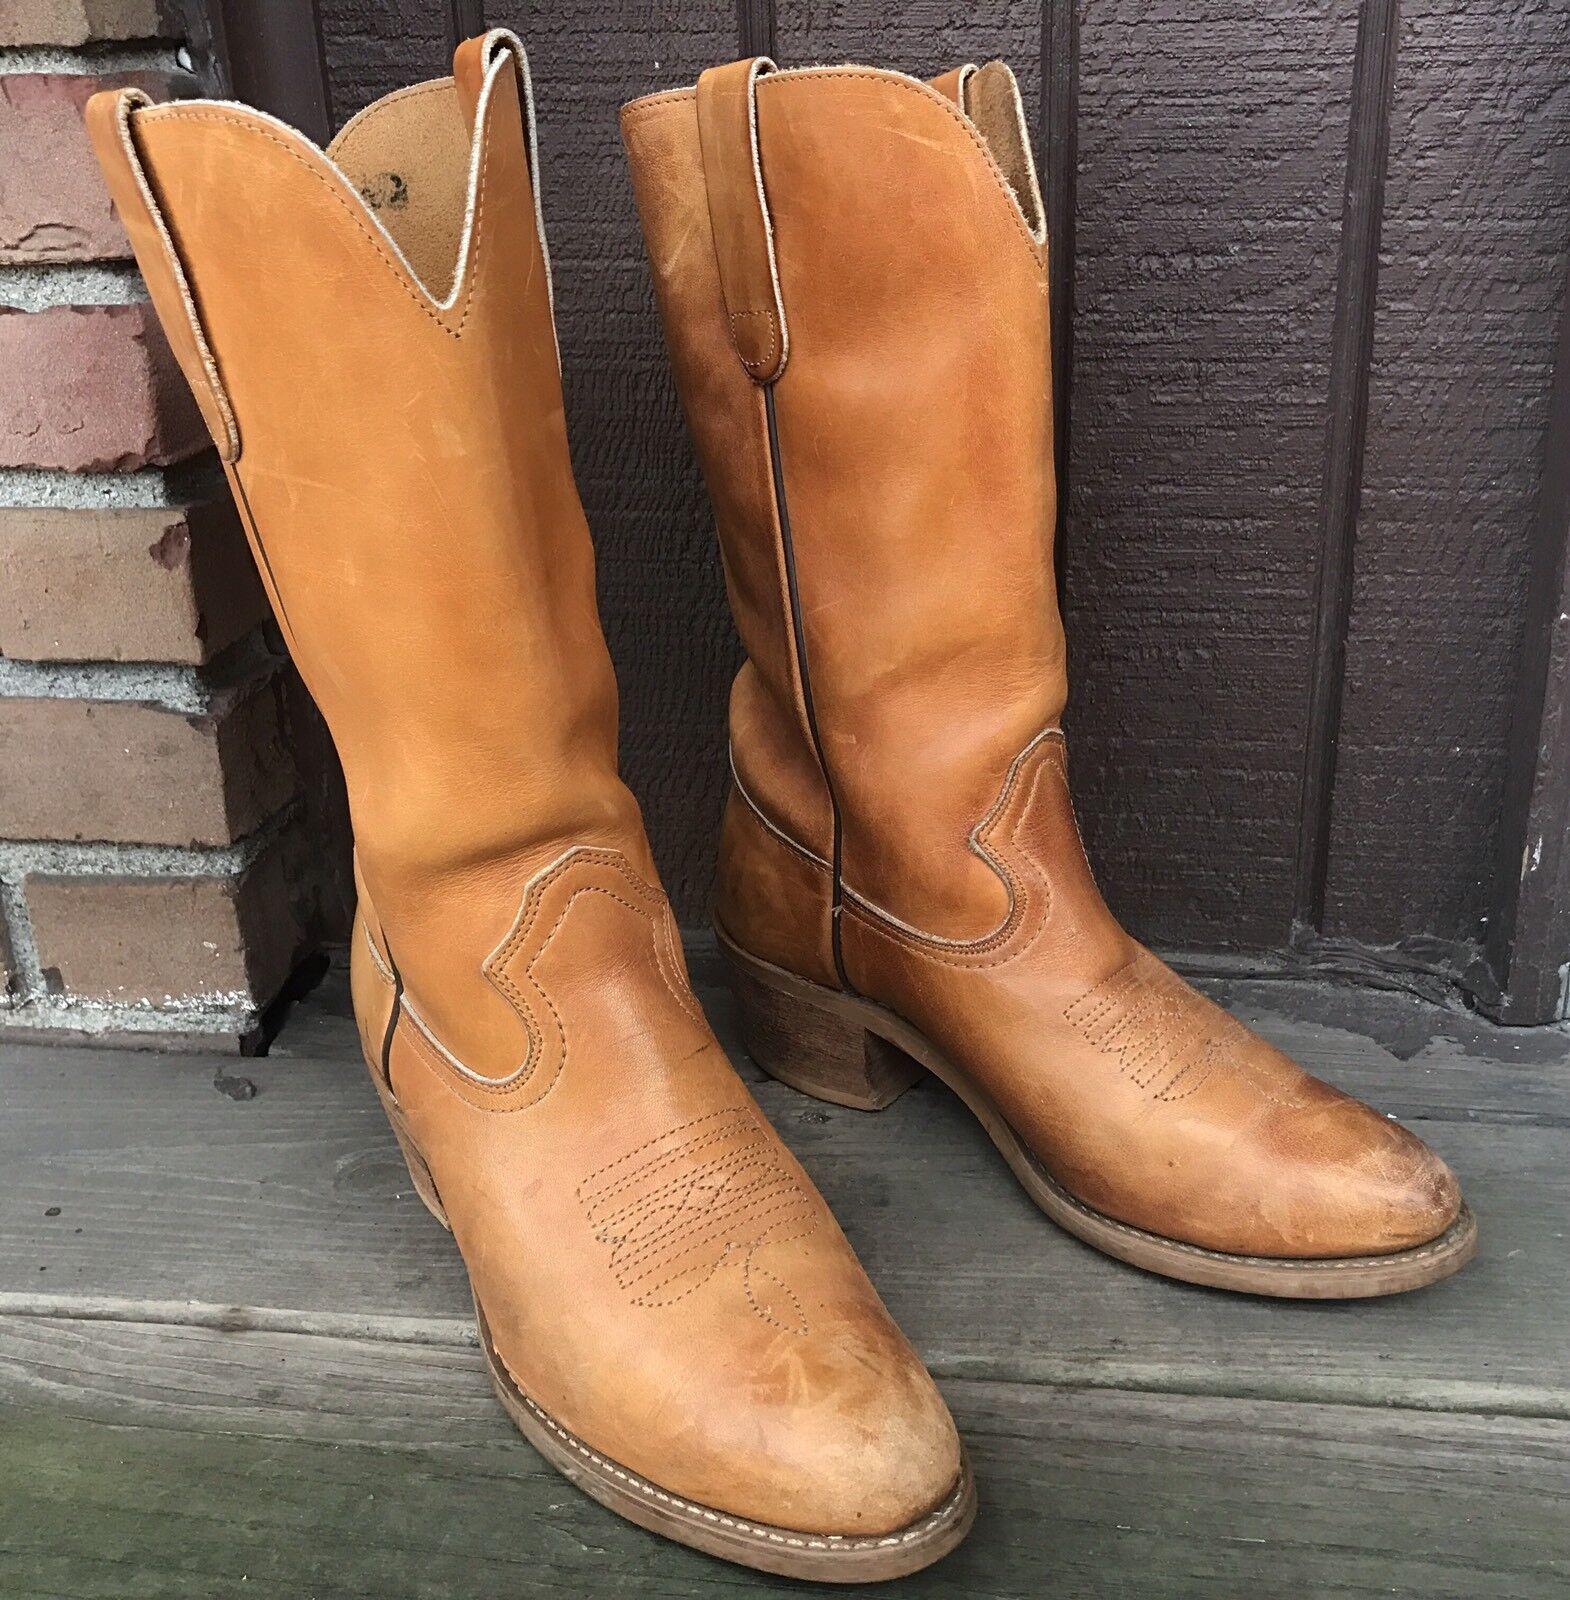 Vintage Unbranded Damenschuhe Größe 8.5 Honey Genuine Leder Western Cowboy Stiefel-363